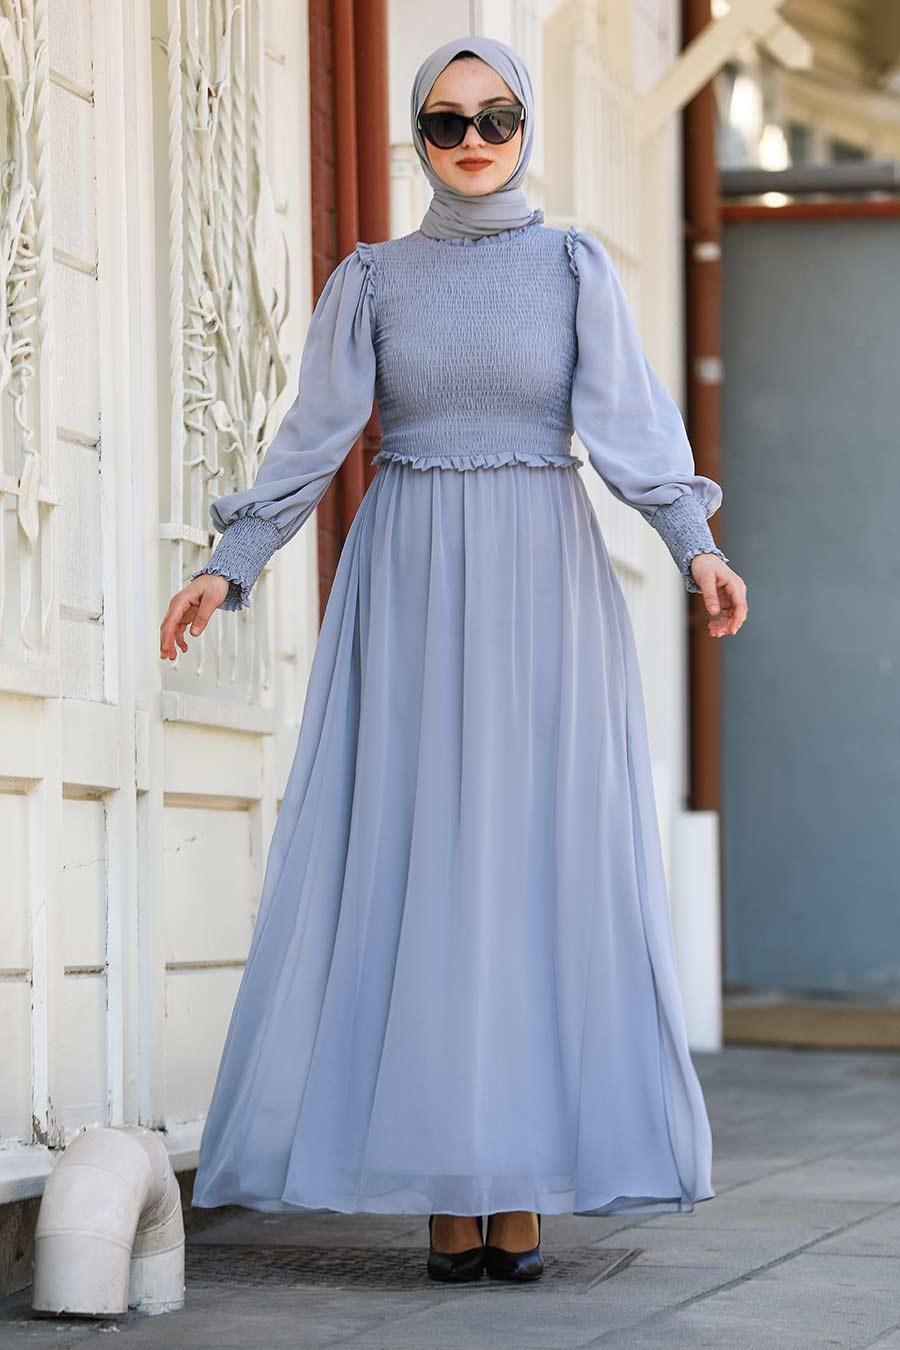 Tesettürlü Abiye Elbise - Gri Tesettür Abiye Elbise 22174GR